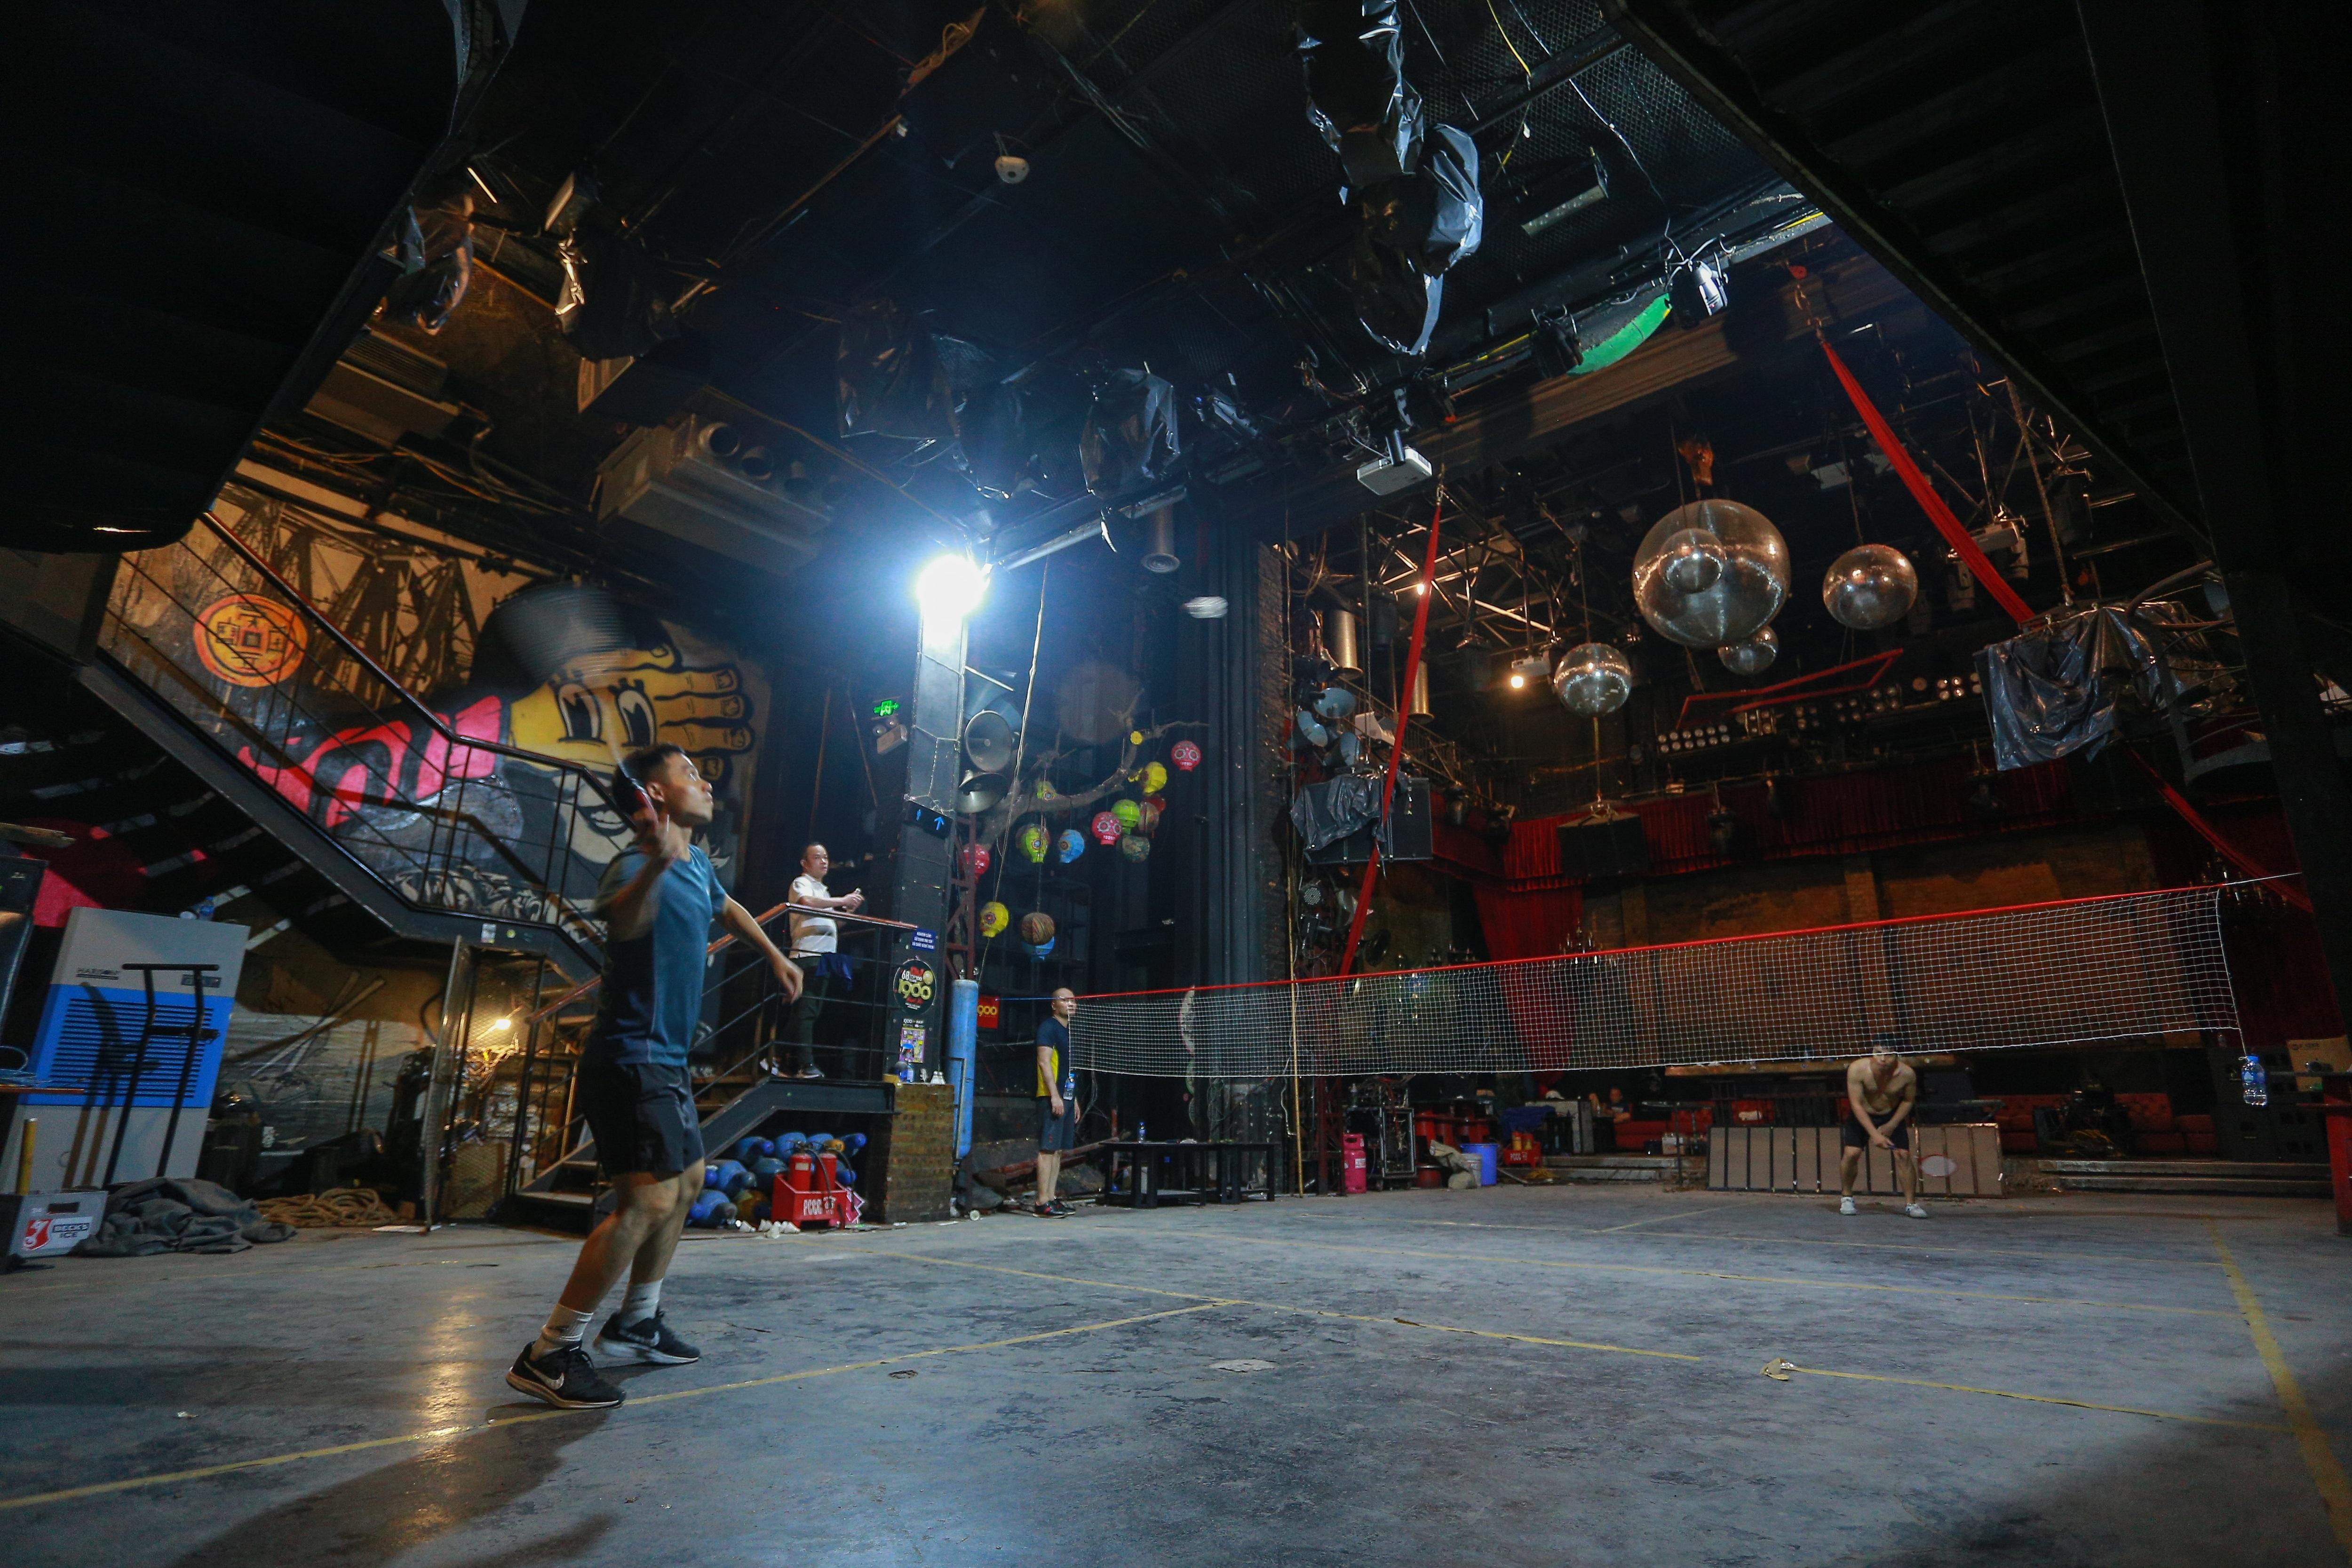 Đóng cửa vì dịch Covid-19, quán bar ở Hà Nội trở thành sân cầu lông - 4